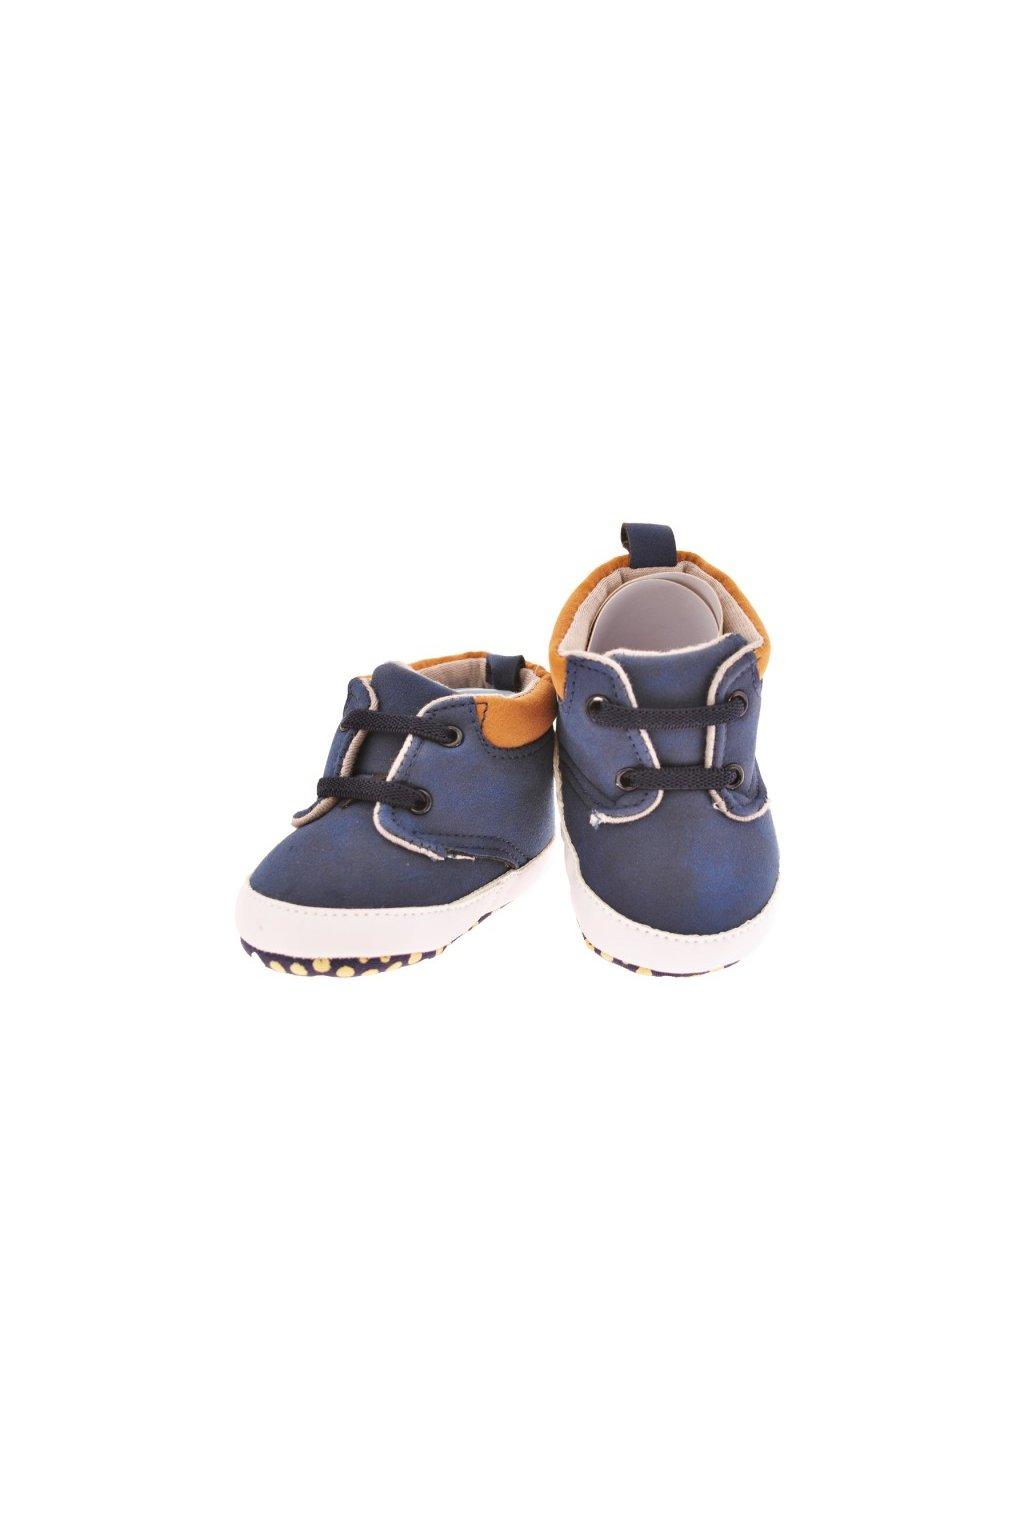 Wowmini - Elegantní capáčky (Barva tmavě modrá, Velikost 6-12m)